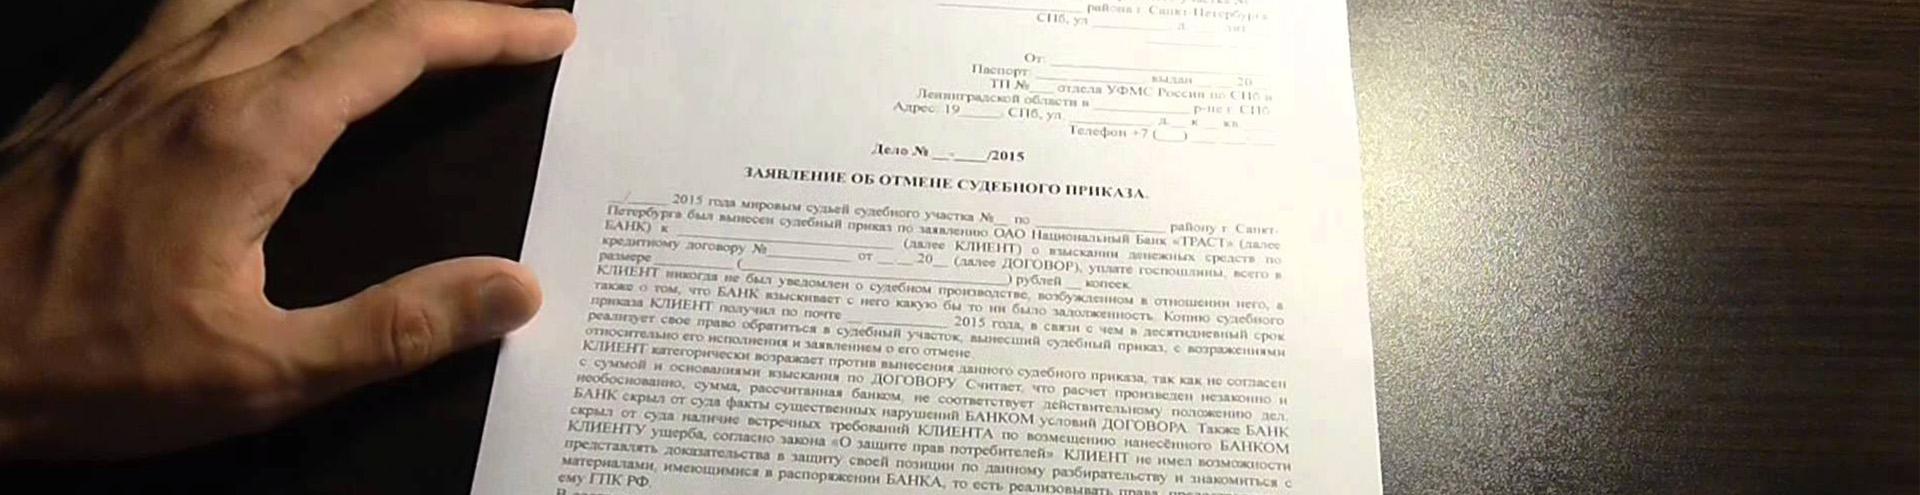 отмена судебного приказа в Краснодаре и Краснодарском крае